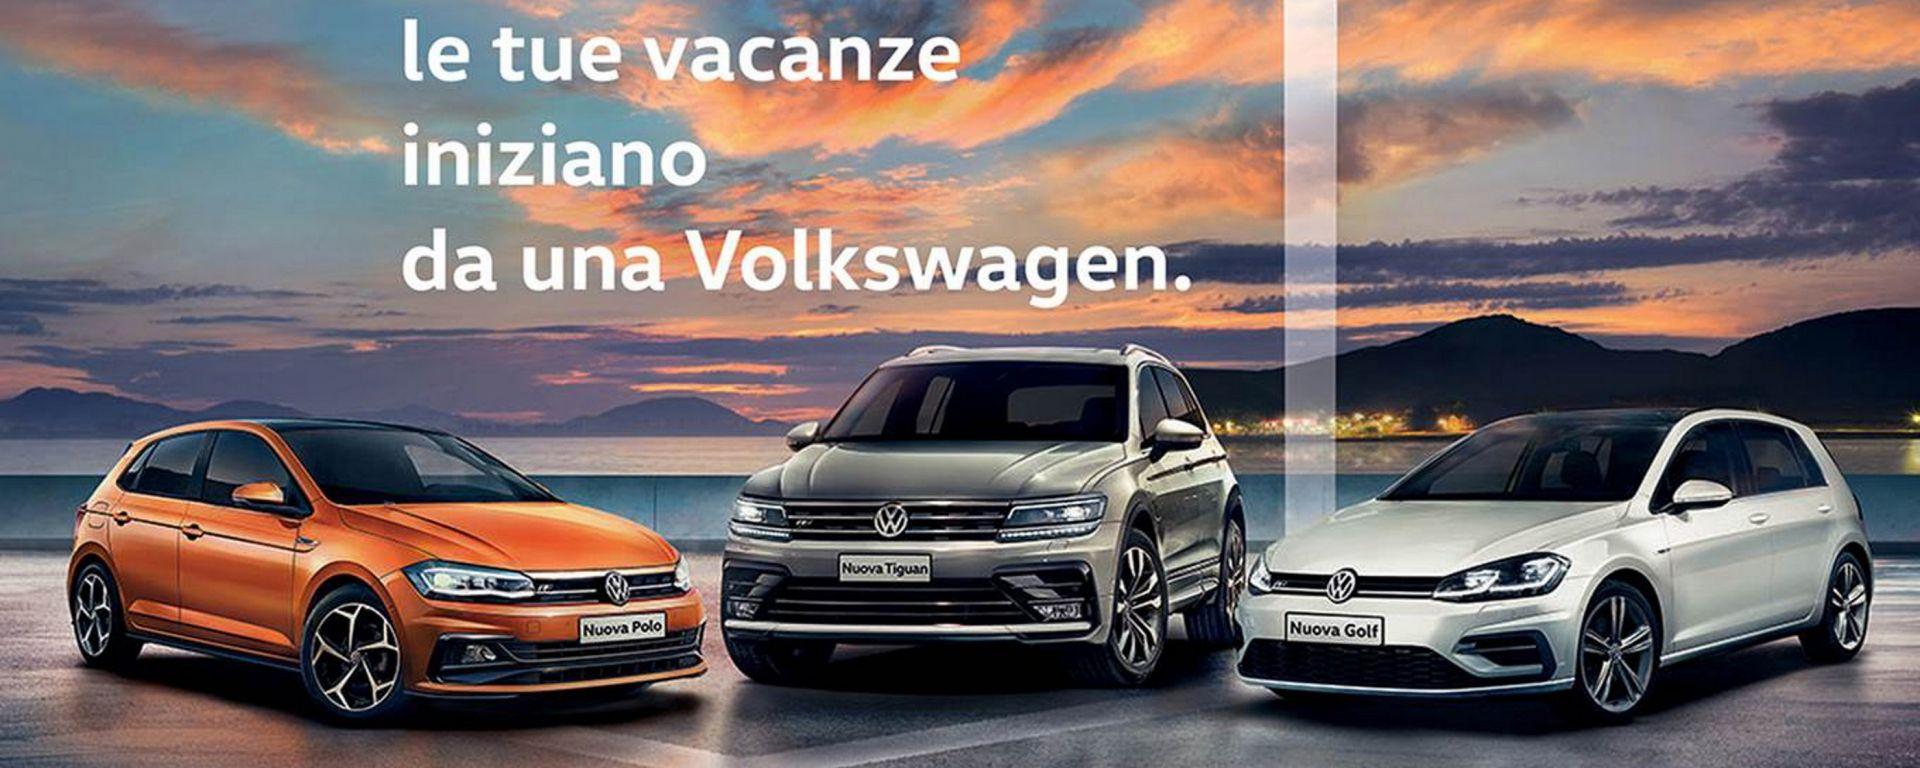 VW T-Roc e Polo: quanto costa noleggiarle con Volkswagen?